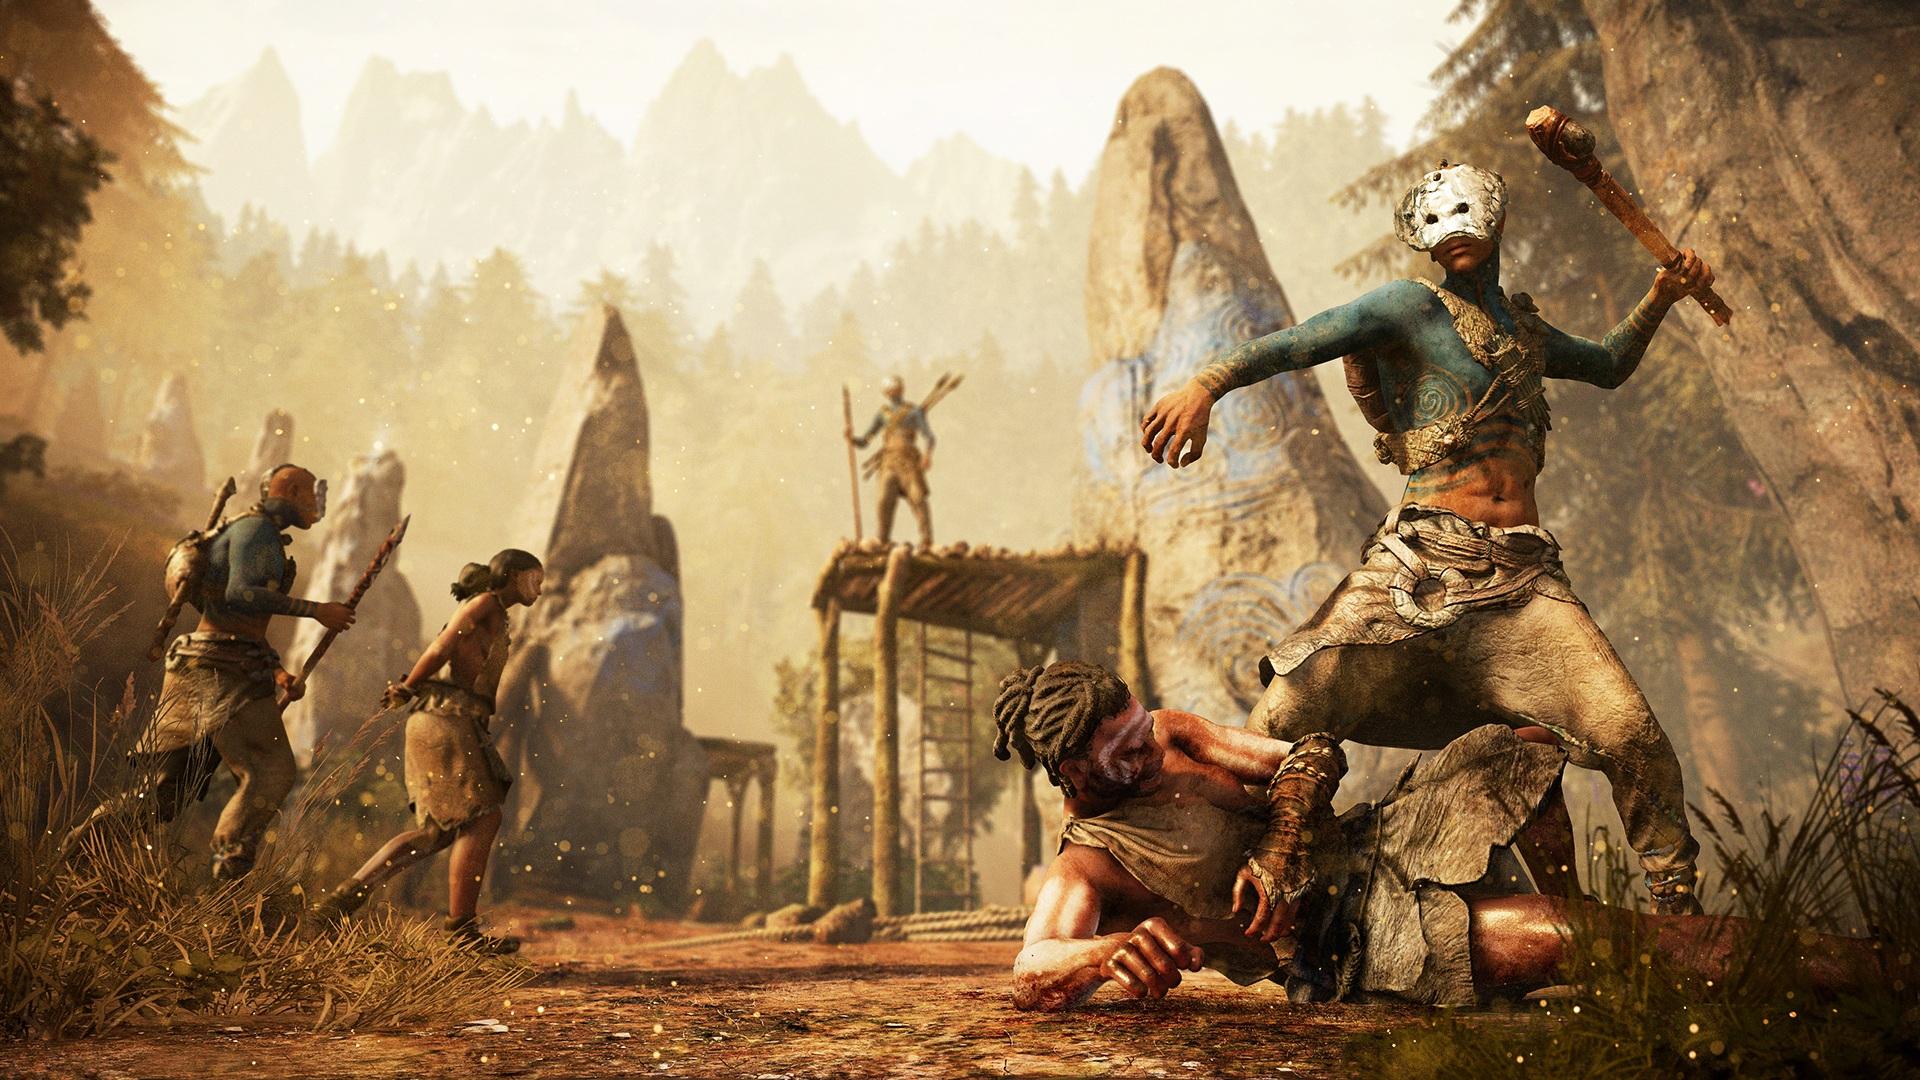 《孤岛惊魂:原始杀戮》游戏截图-1大图